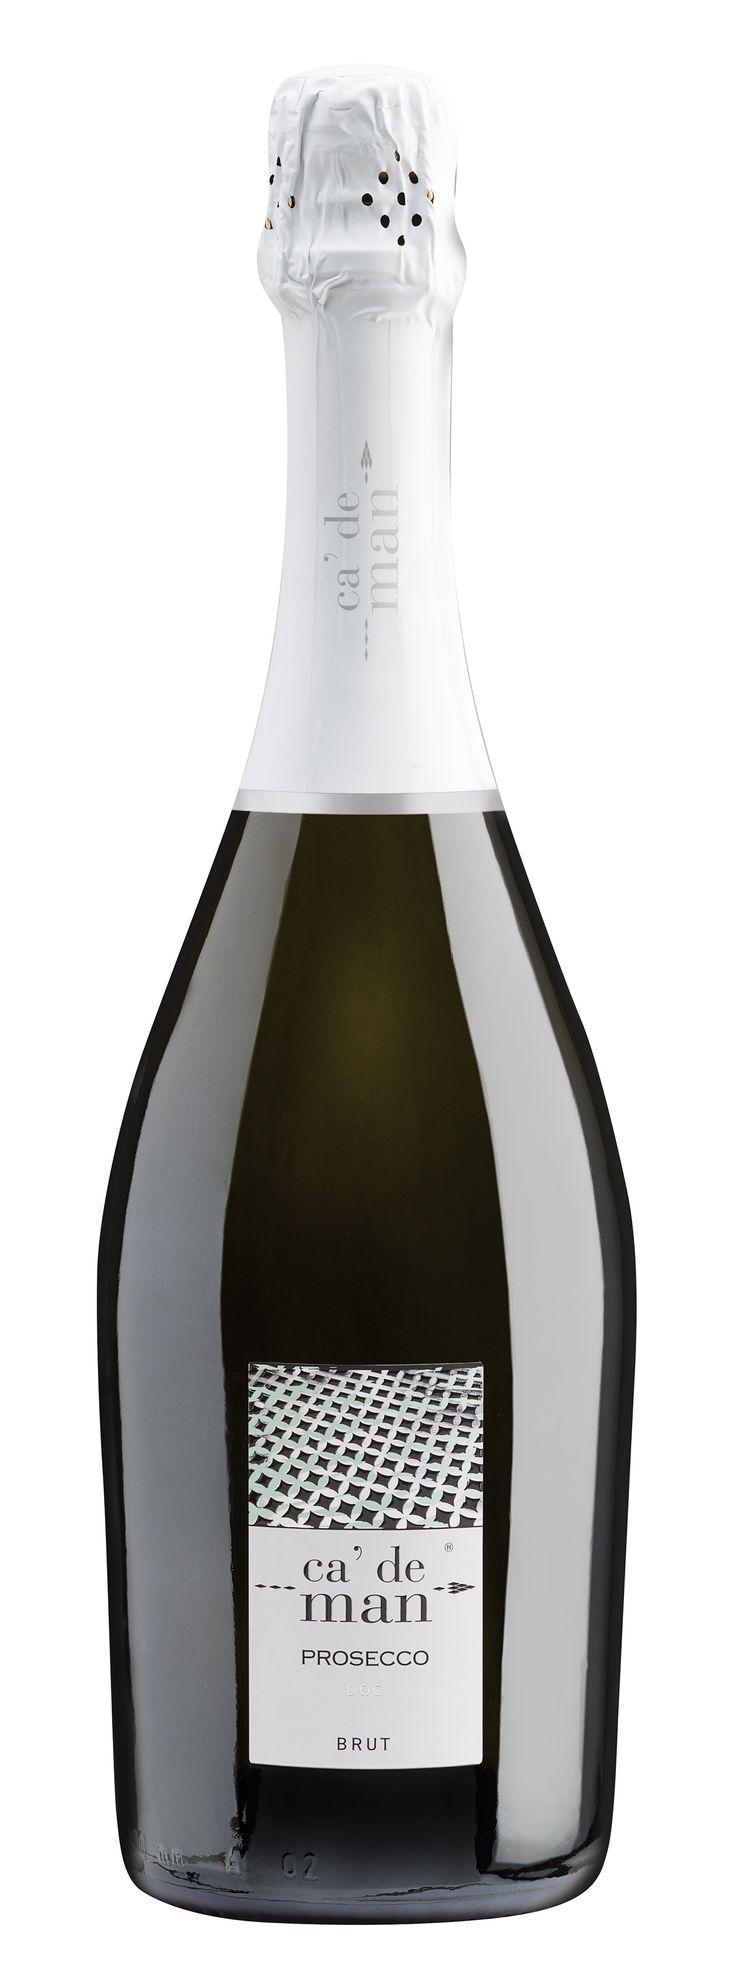 Prosecco Brut - Ca' de Man #prosecco #winelabel #winedesign #italianwine #Francescon #Collodi #F&C